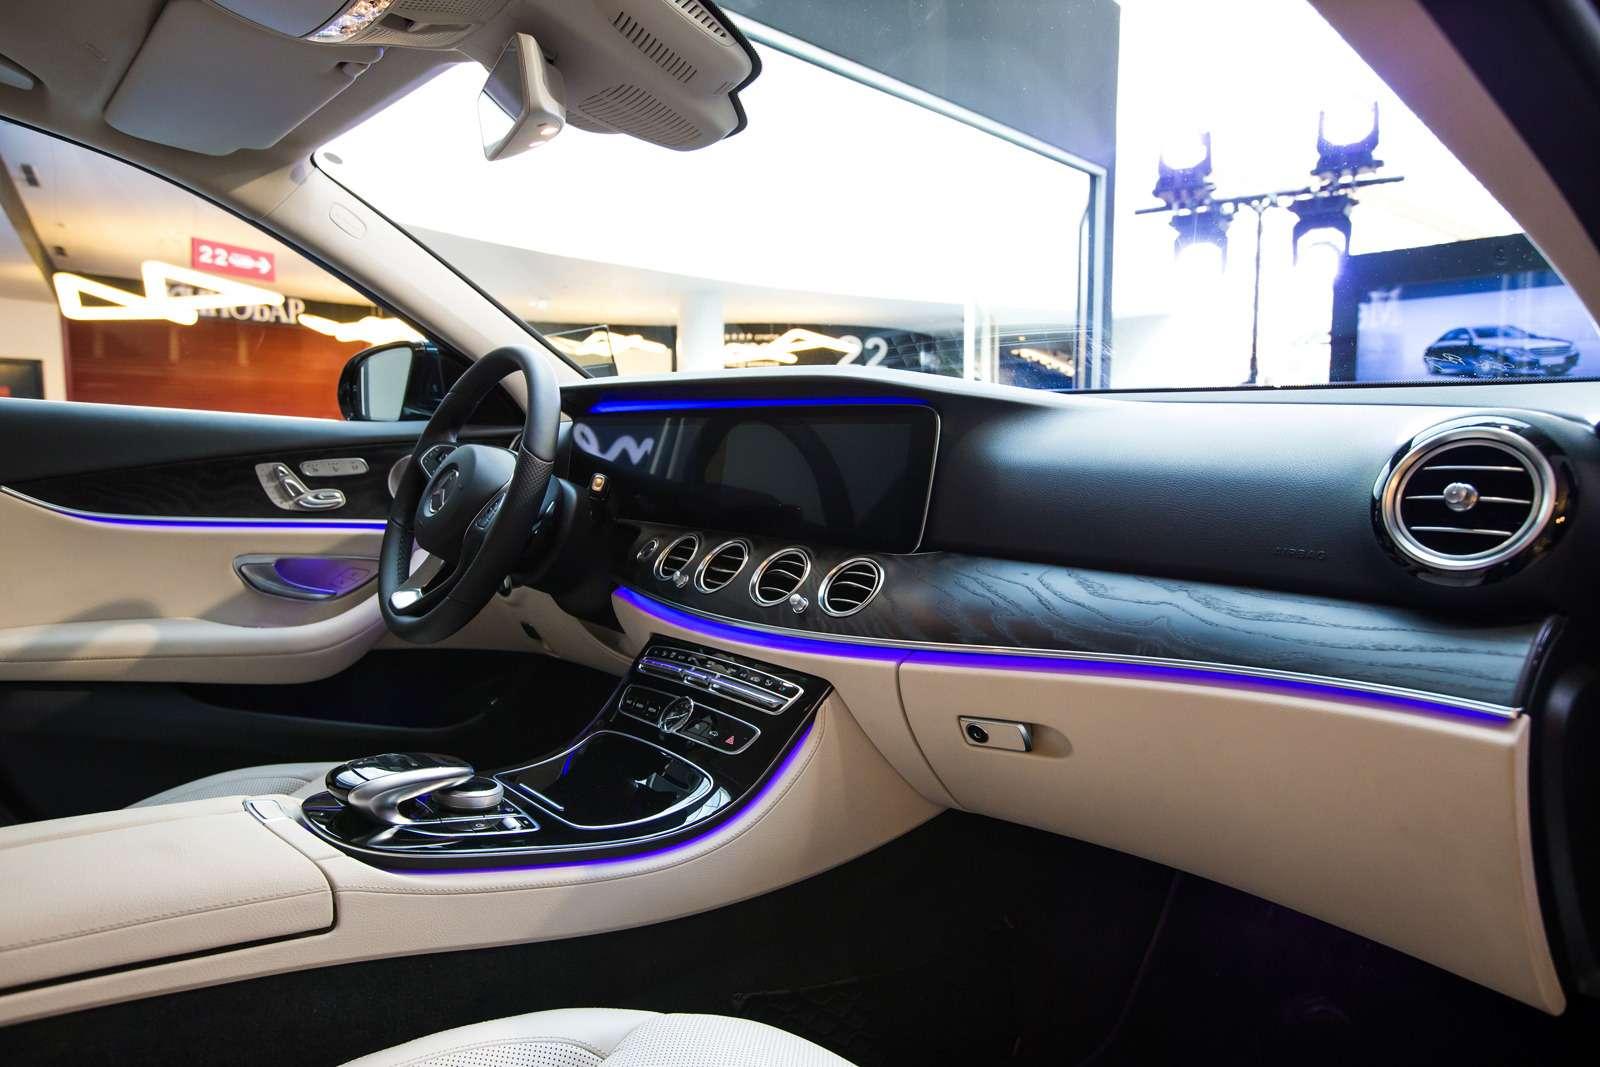 В Россию приехал десятый посчету Mercedes-Benz E-класса— фото 580680